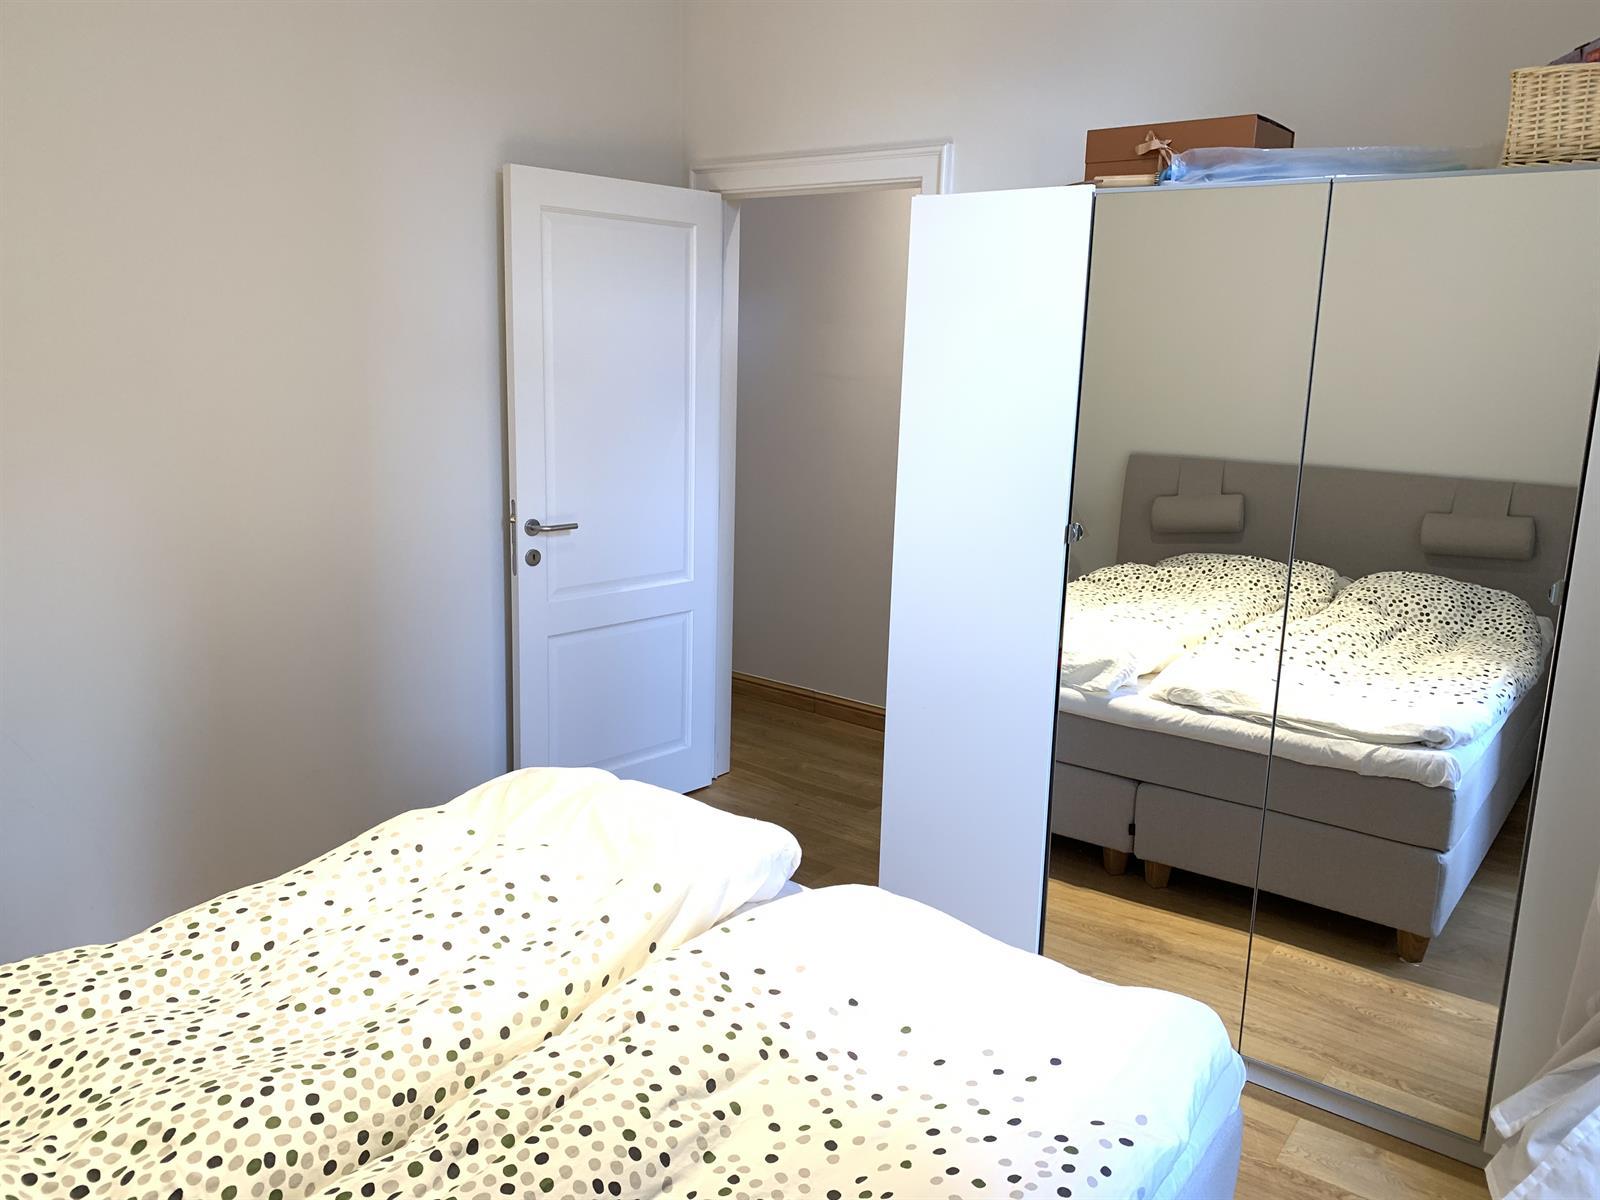 Appartement exceptionnel - Bruxelles - #4056384-46